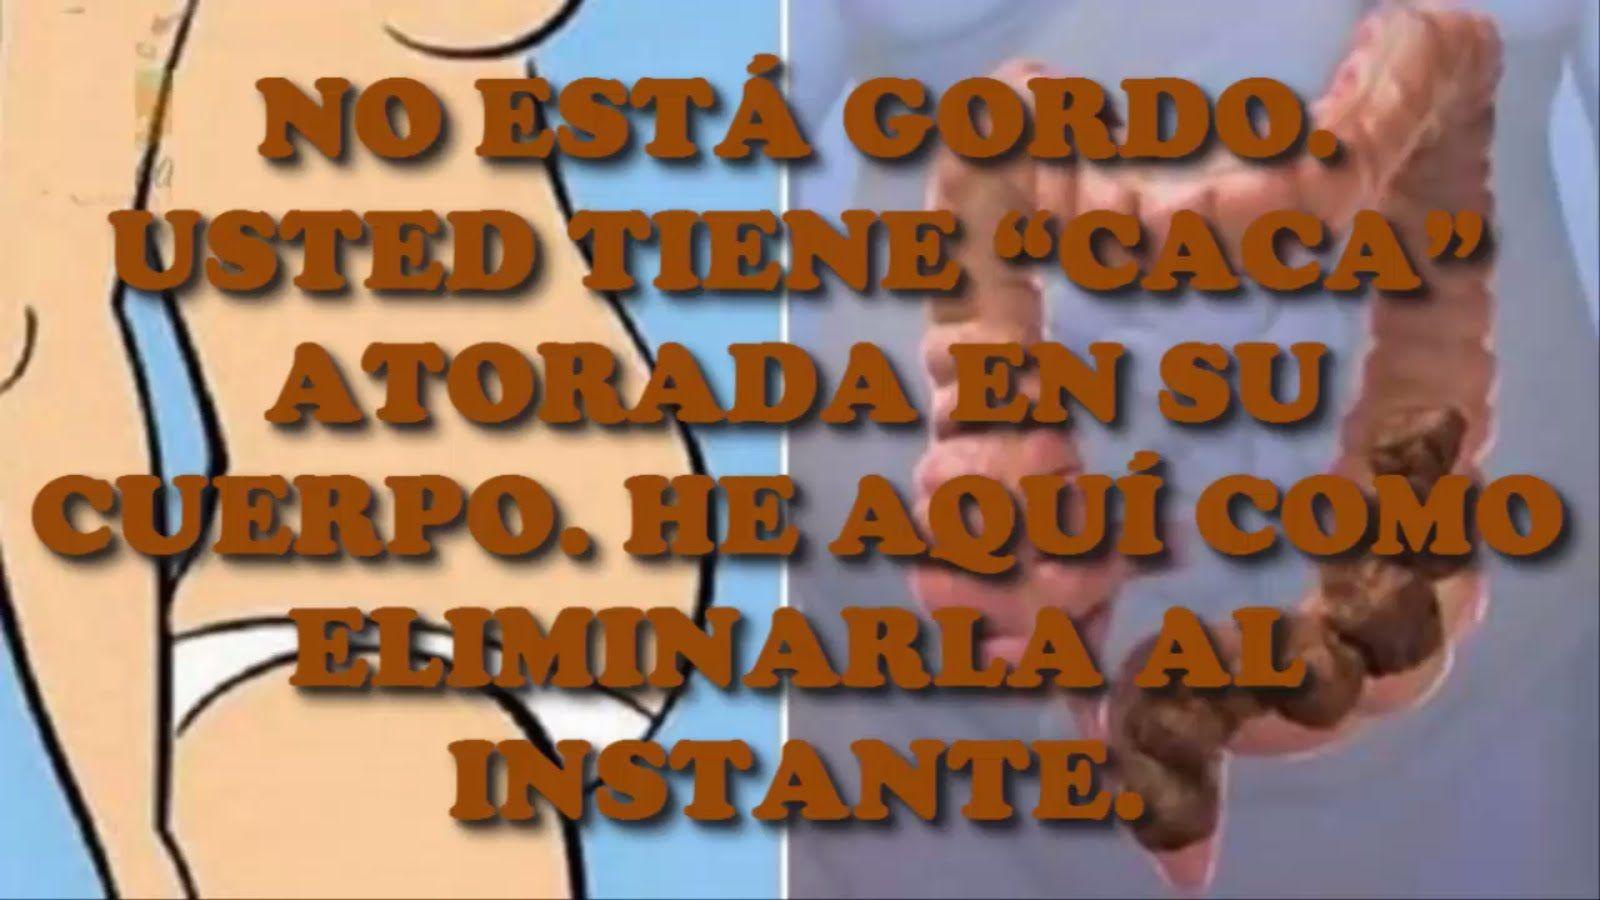 """NO ESTAS GORDO USTED TIENE """"CACA"""" ATORADA EN SU CUERPO, HE AQUÍ COMO ELIMINARLA AL INSTANTE"""